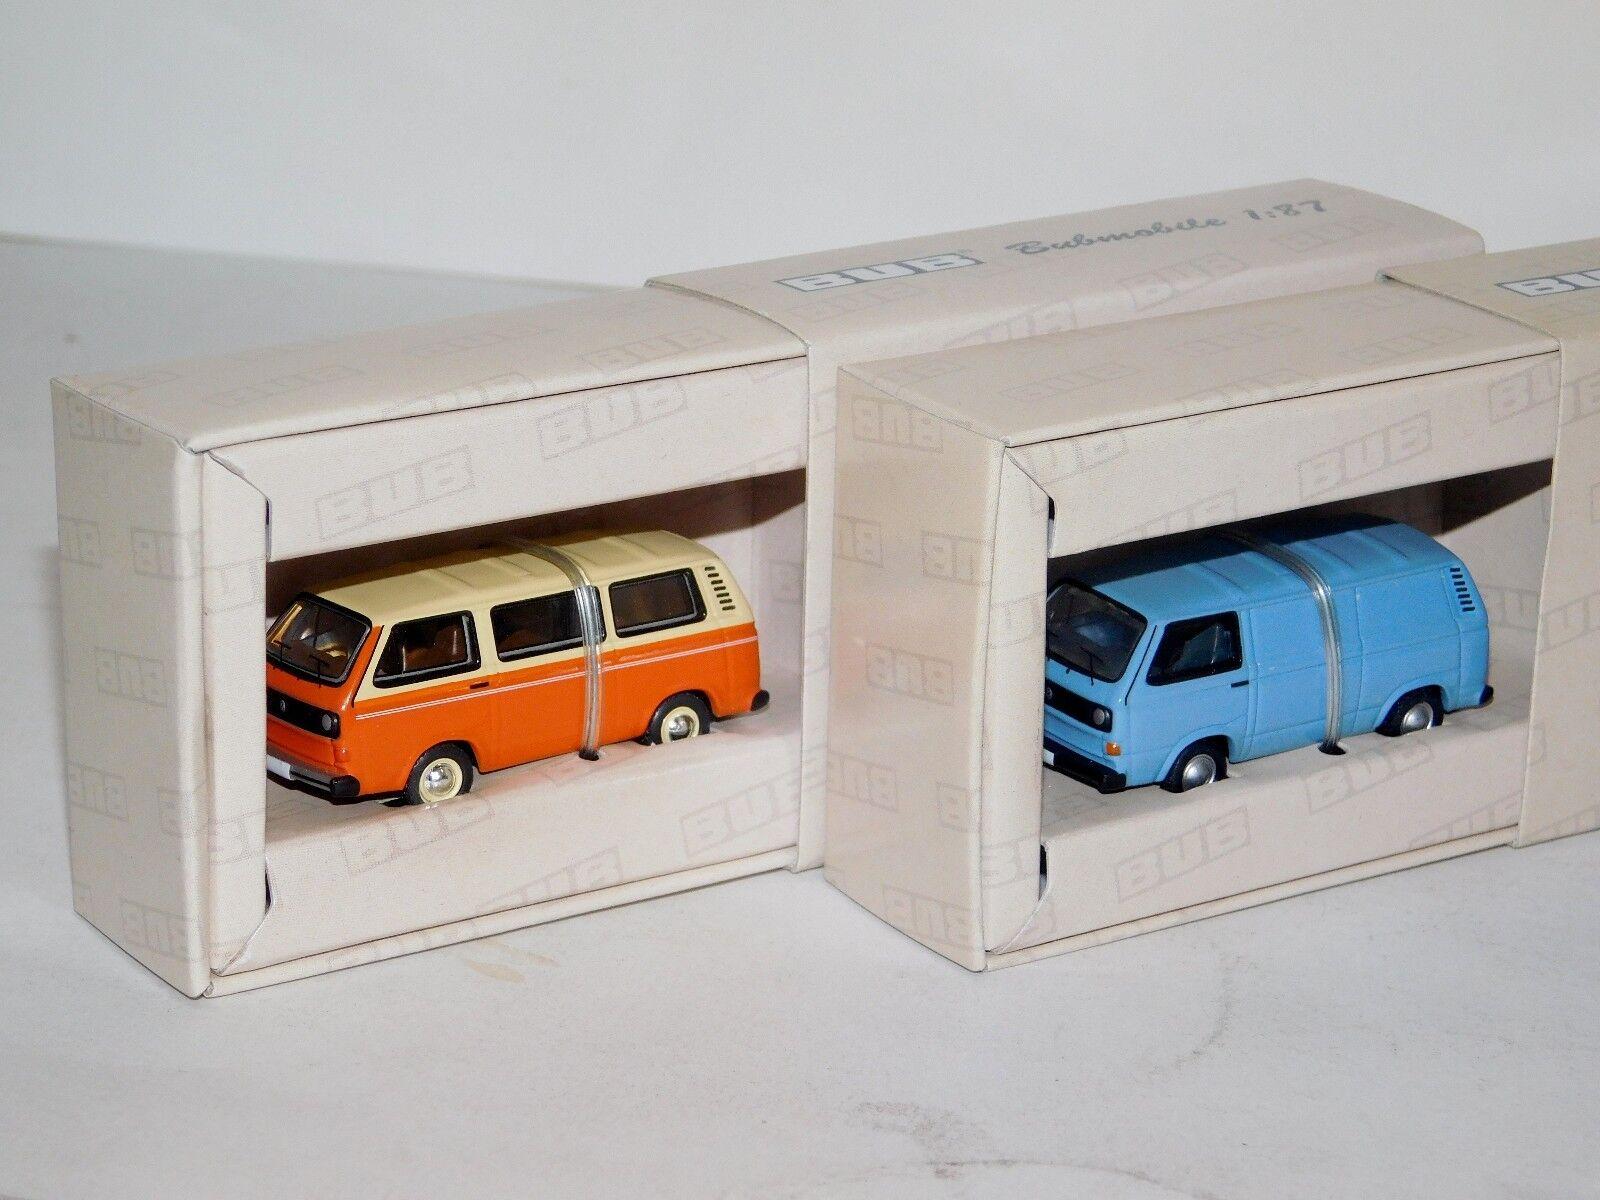 envio rapido a ti Lote de 2 Volkswagen Volkswagen Volkswagen T3A Bus naranja y T3A Kastenwagen Bub 9200 & 9250 1 87  la red entera más baja